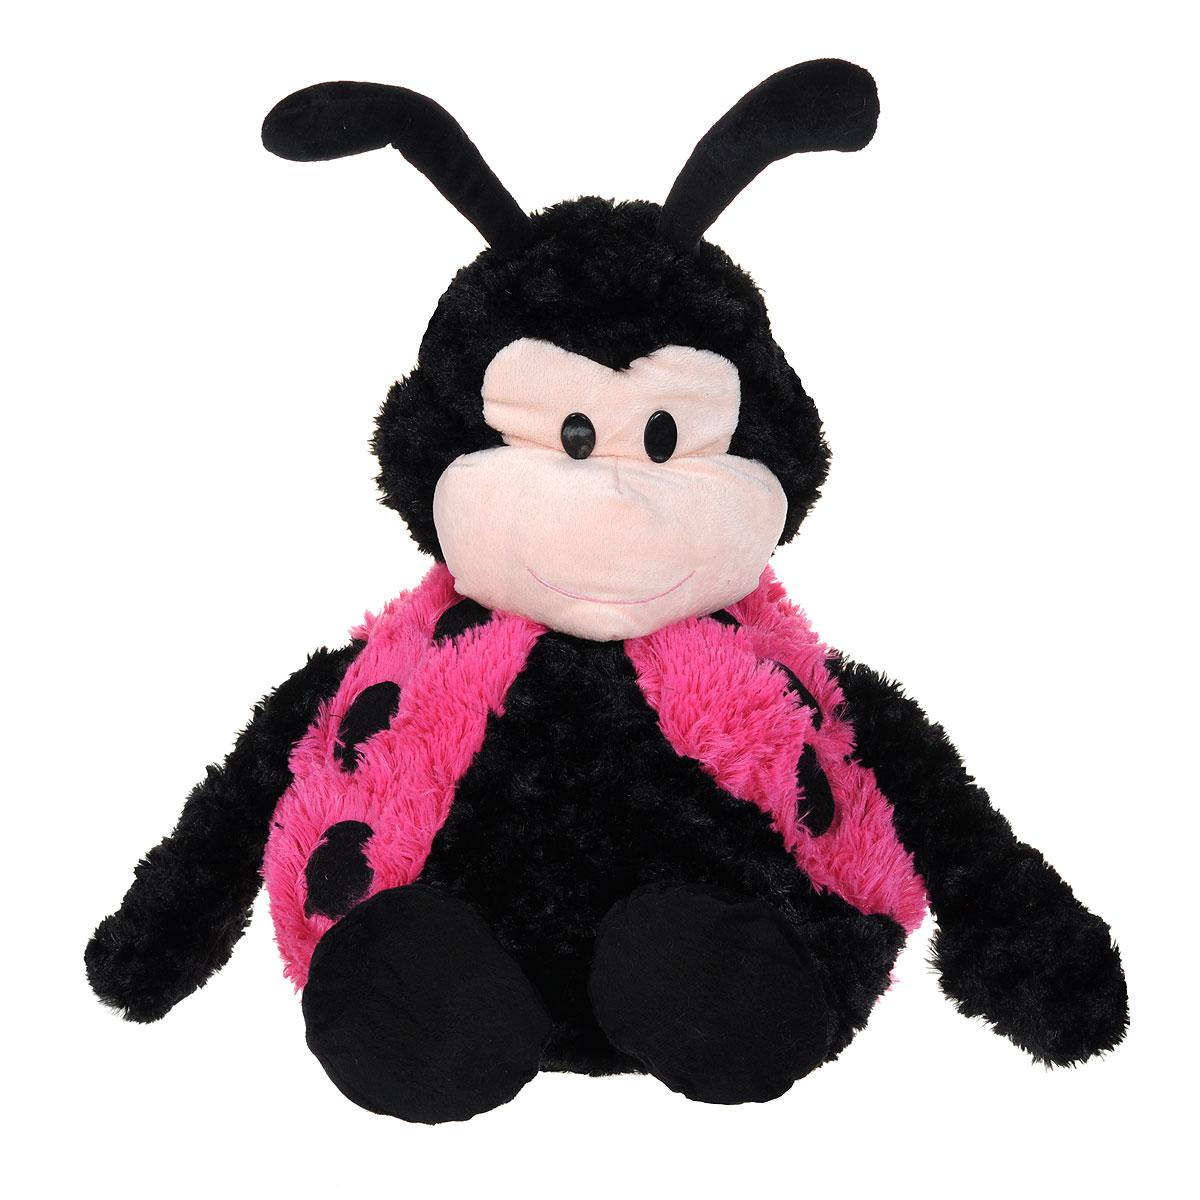 Мягкая игрушка-подушка Bradex Божья коровка, цвет: черный, розовый, бежевый стопперы bradex стоппер для дверей детский божья коровка